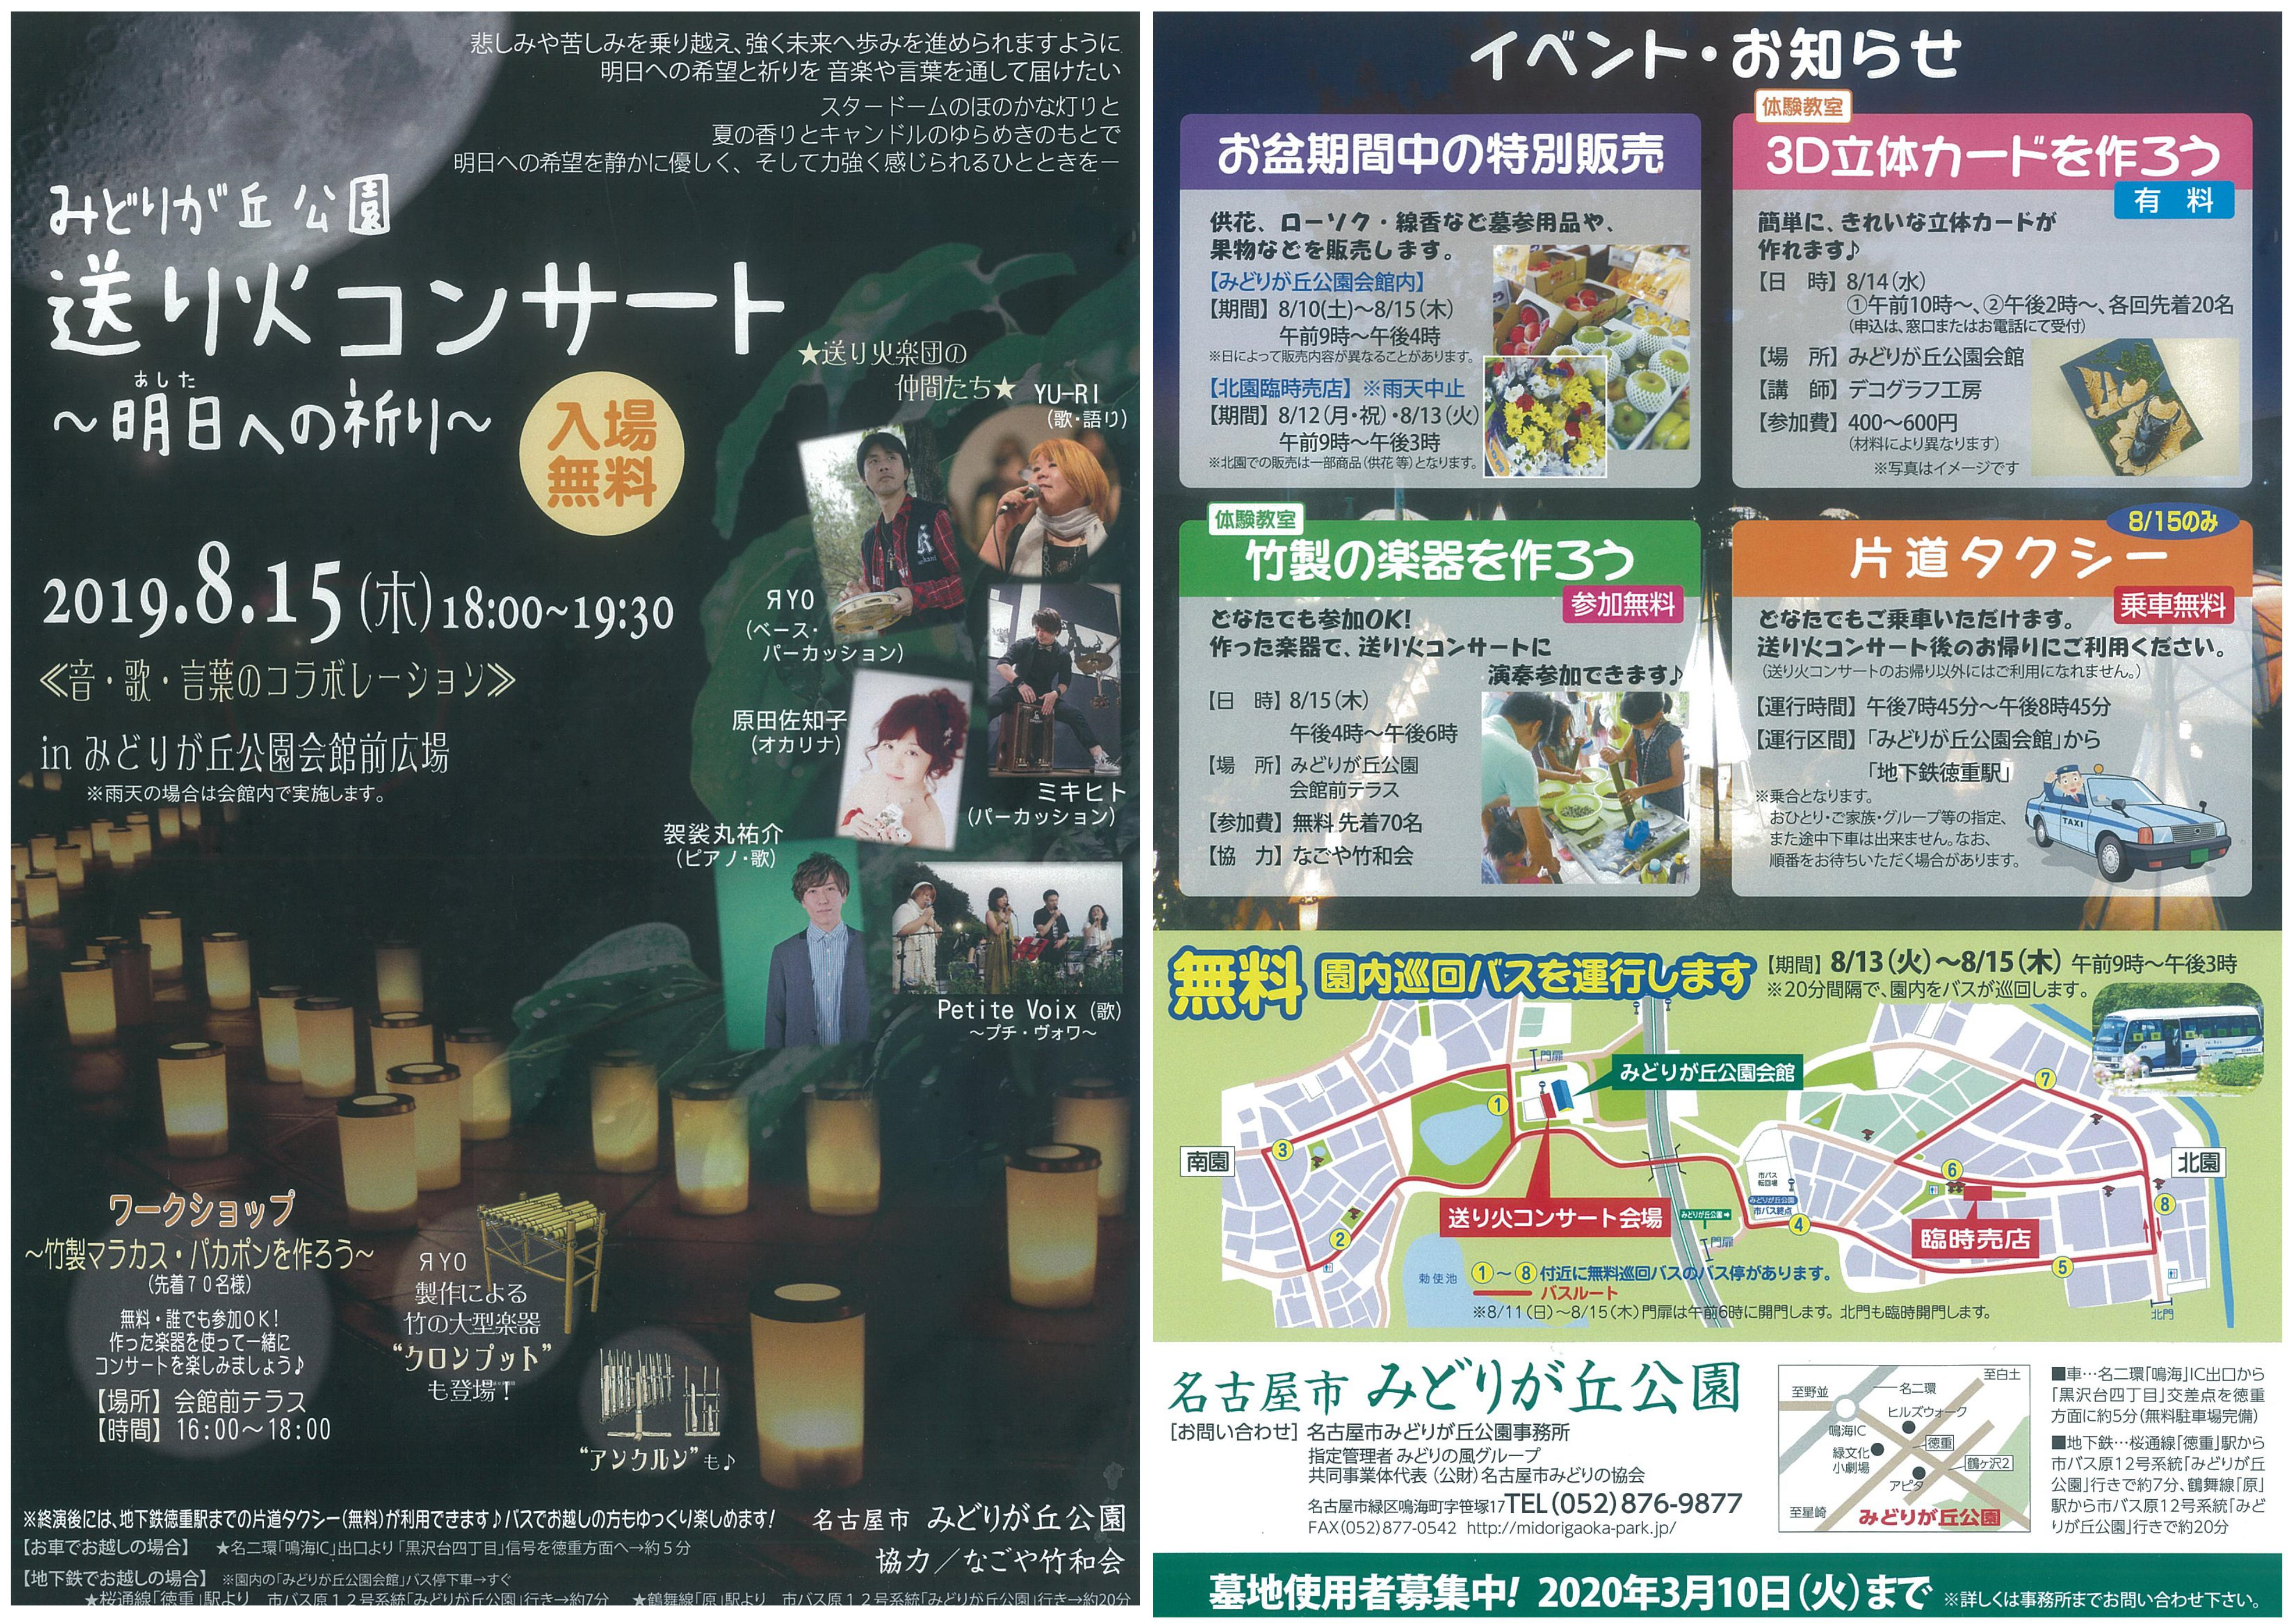 【台風接近のため中止】8/15 みどりが丘公園 送り火コンサート